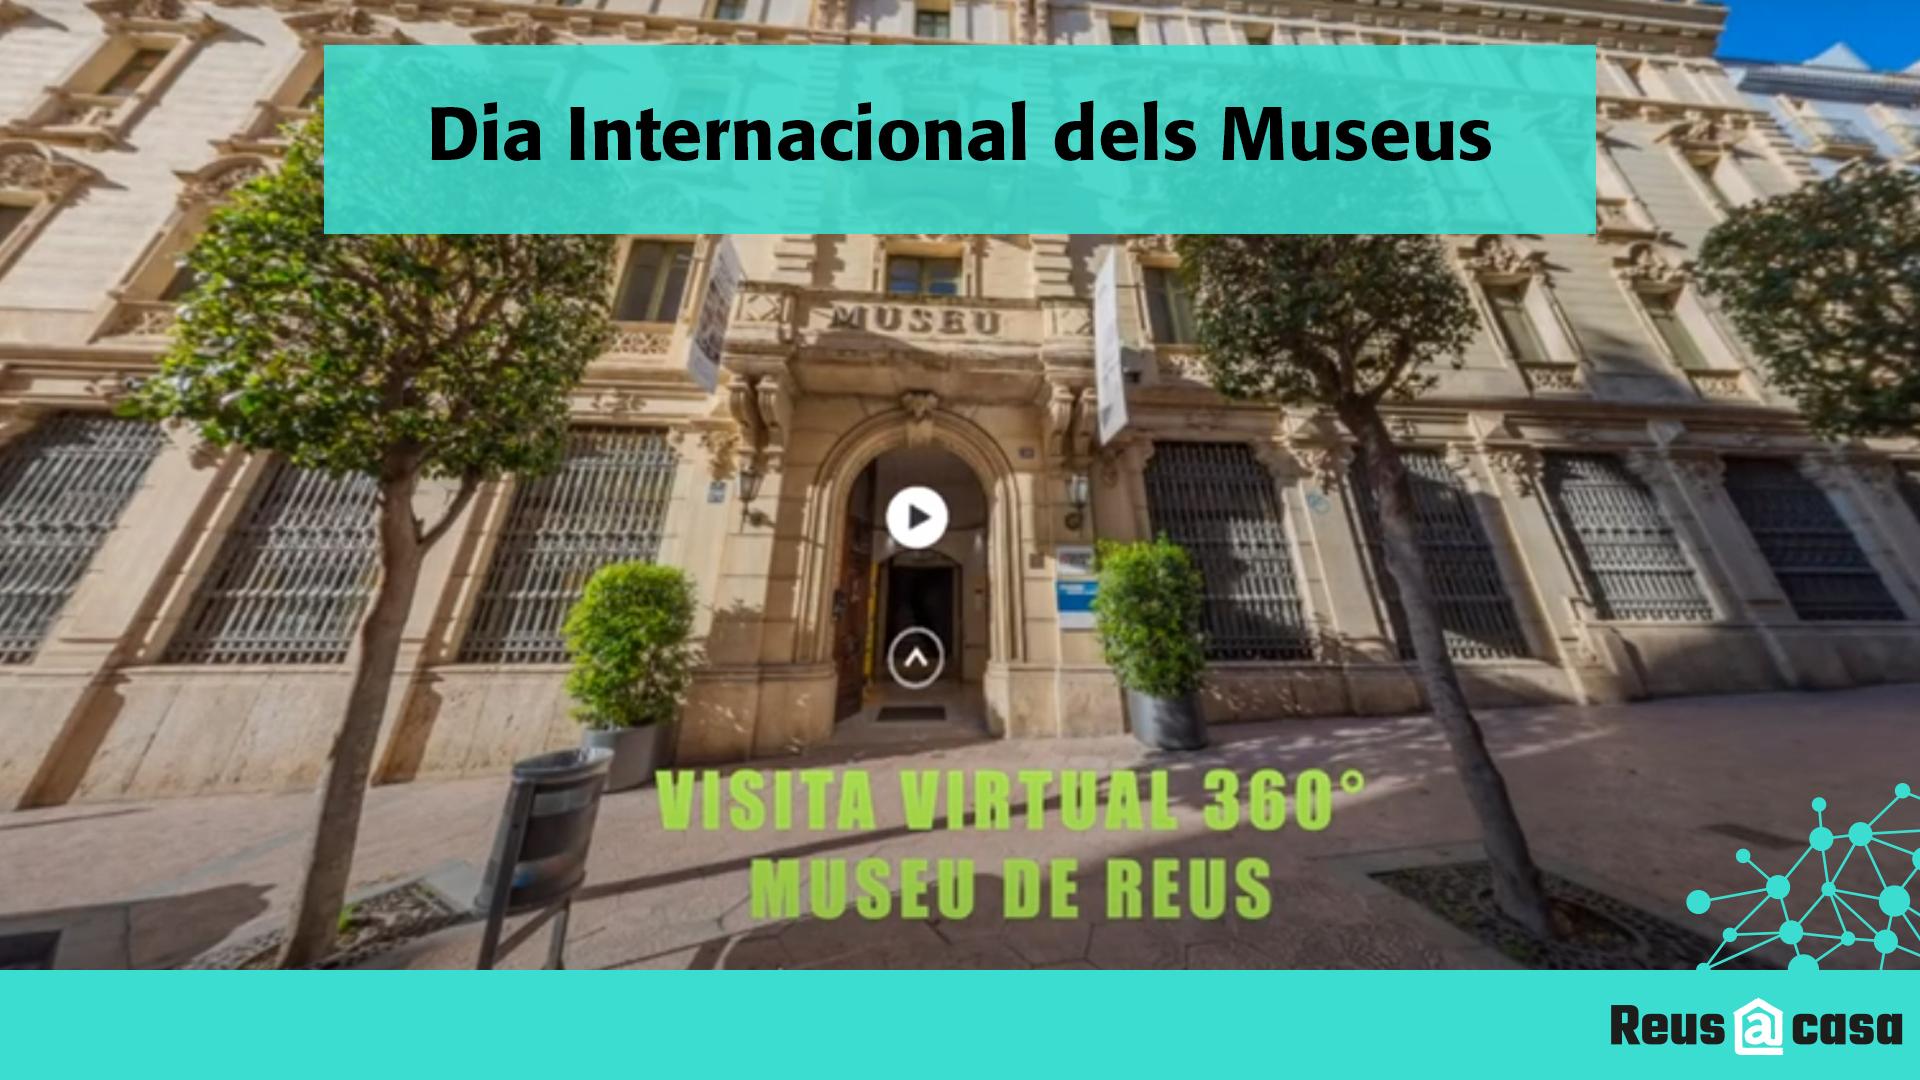 Dia Internacional dels Museus: Visita virtual 360° Museu de Reus 1ª Part